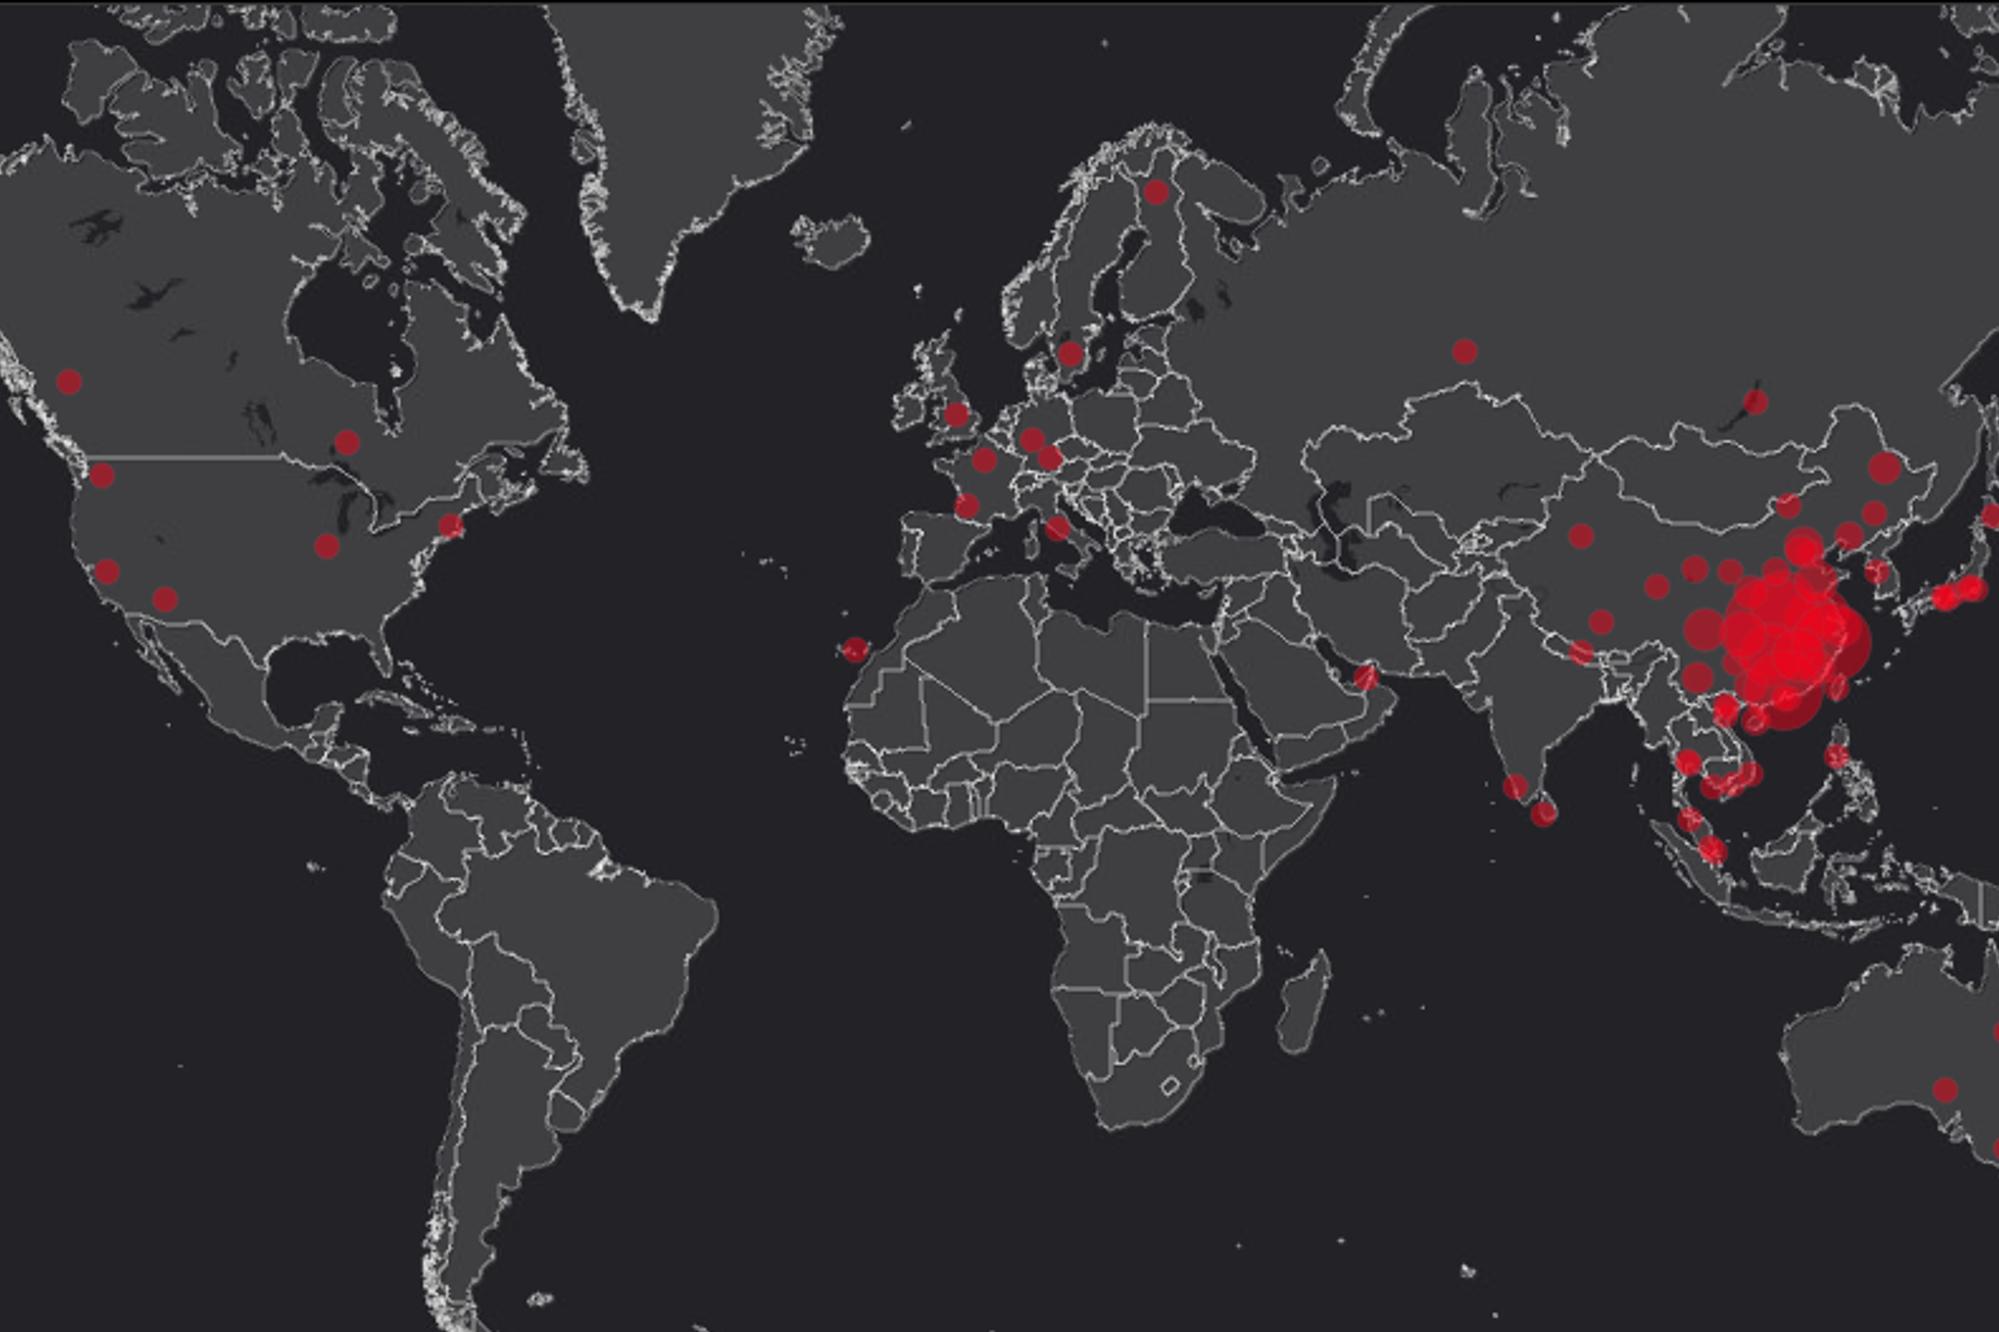 Coronavirus : Une Carte Permet De Suivre La Propagation Du destiné Carte Du Monde À Compléter En Ligne